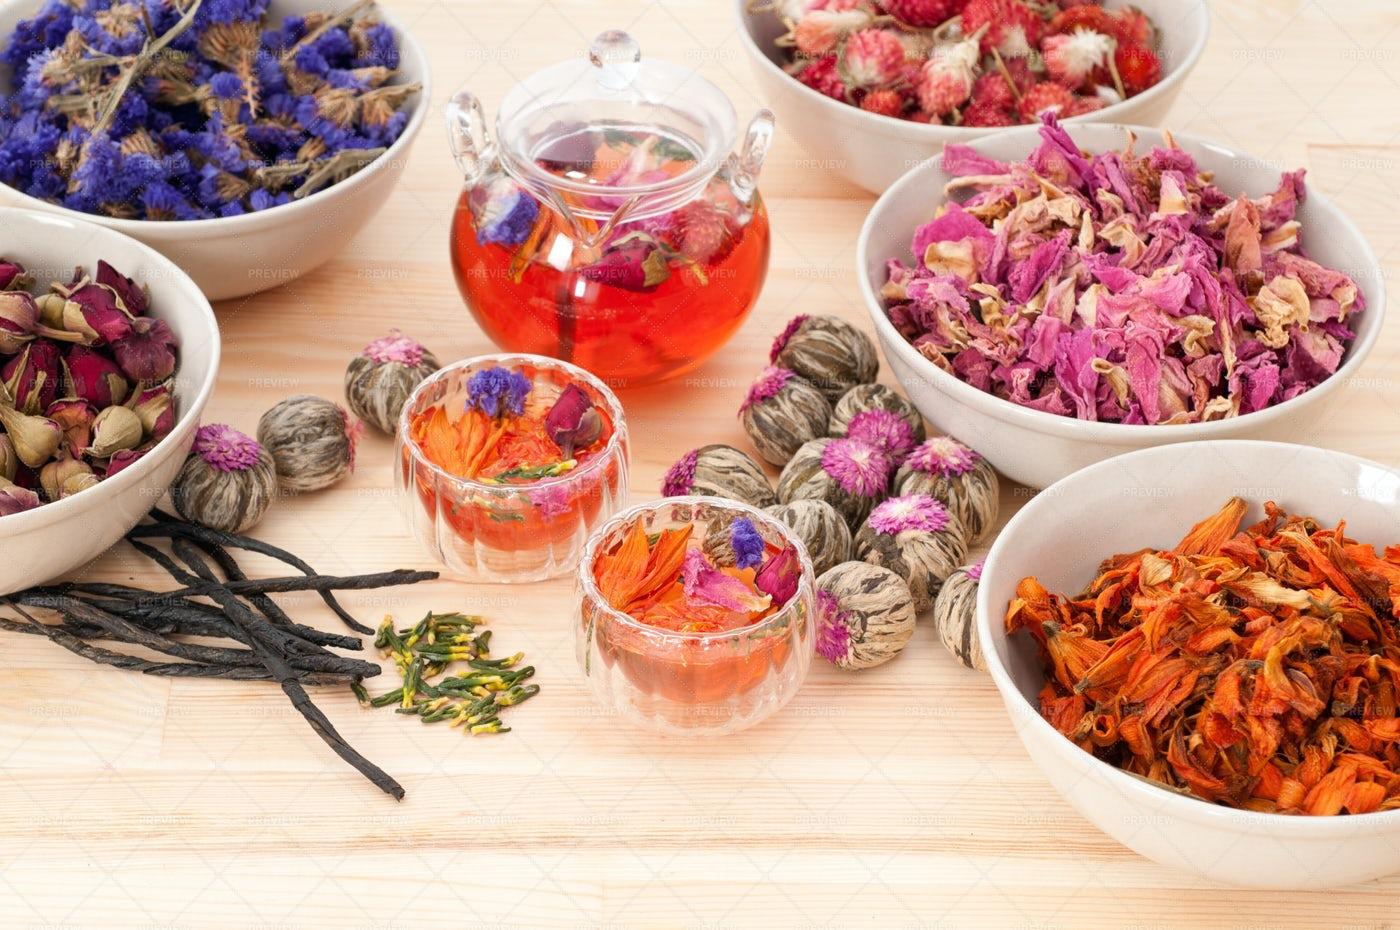 Natural Floral Tea Infusion: Stock Photos